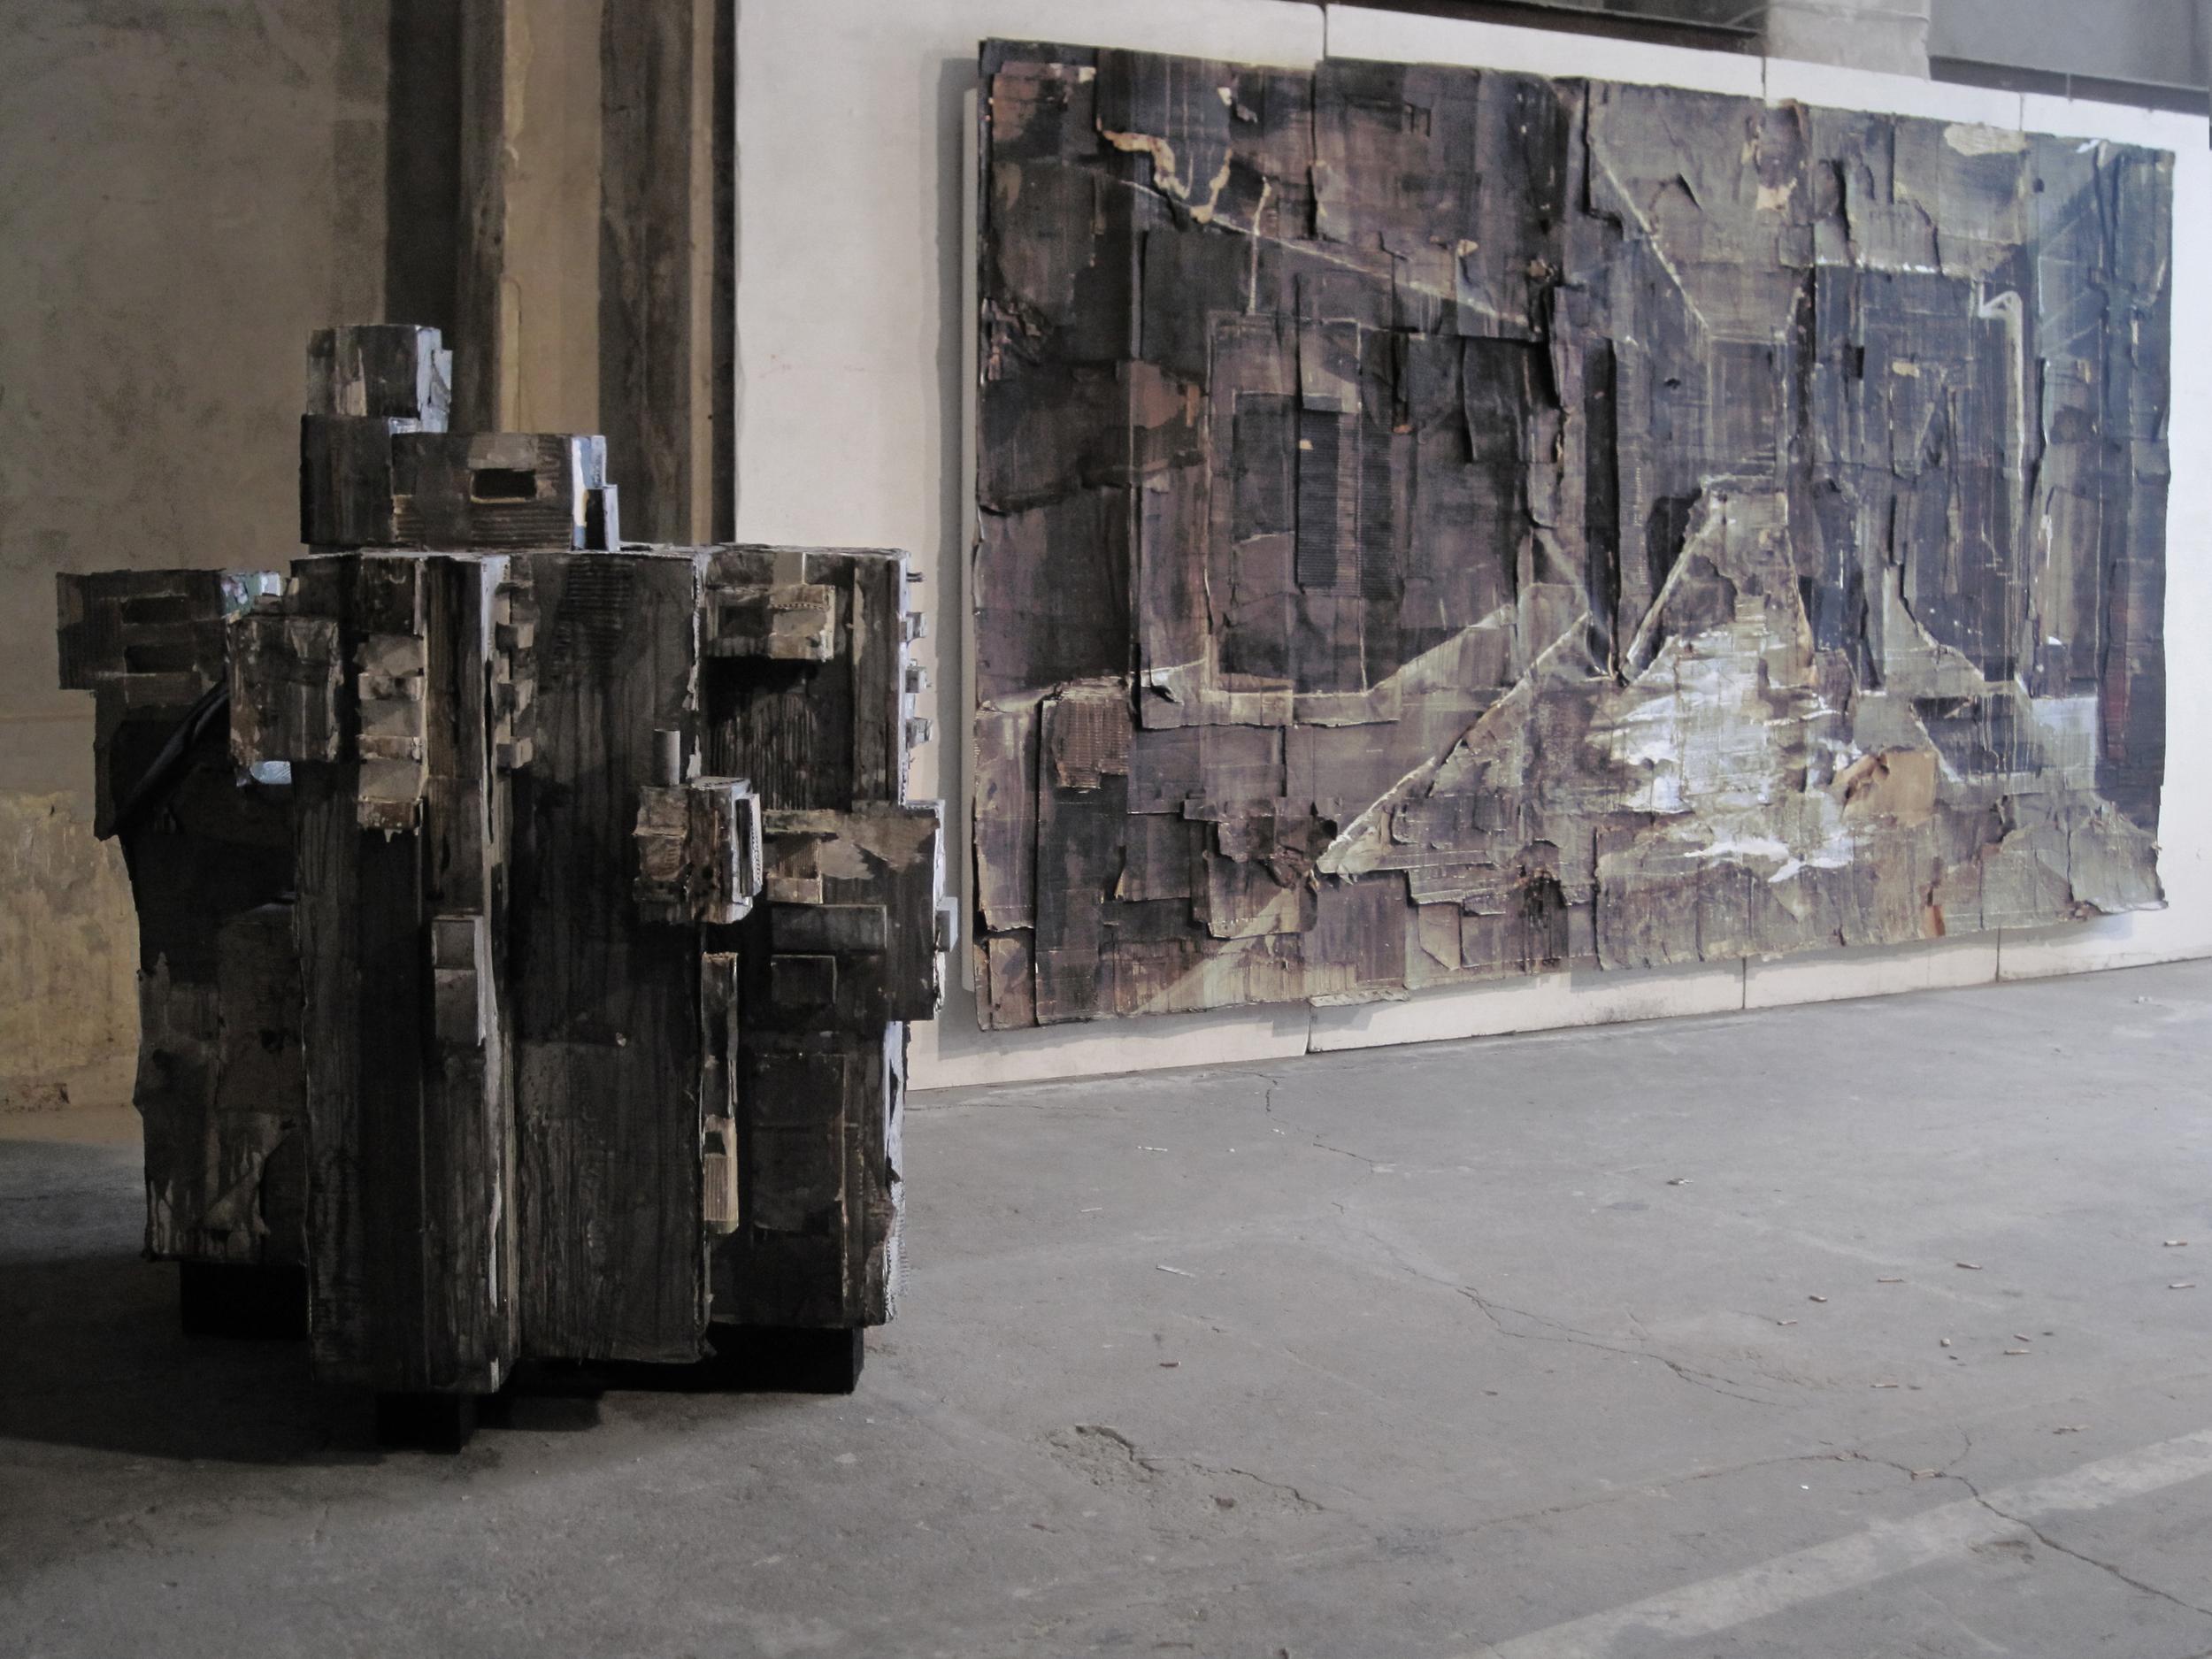 Aldo van den Broek_2012_Exhibition view_Studio Show_Graues Herz_Tunnel.jpg